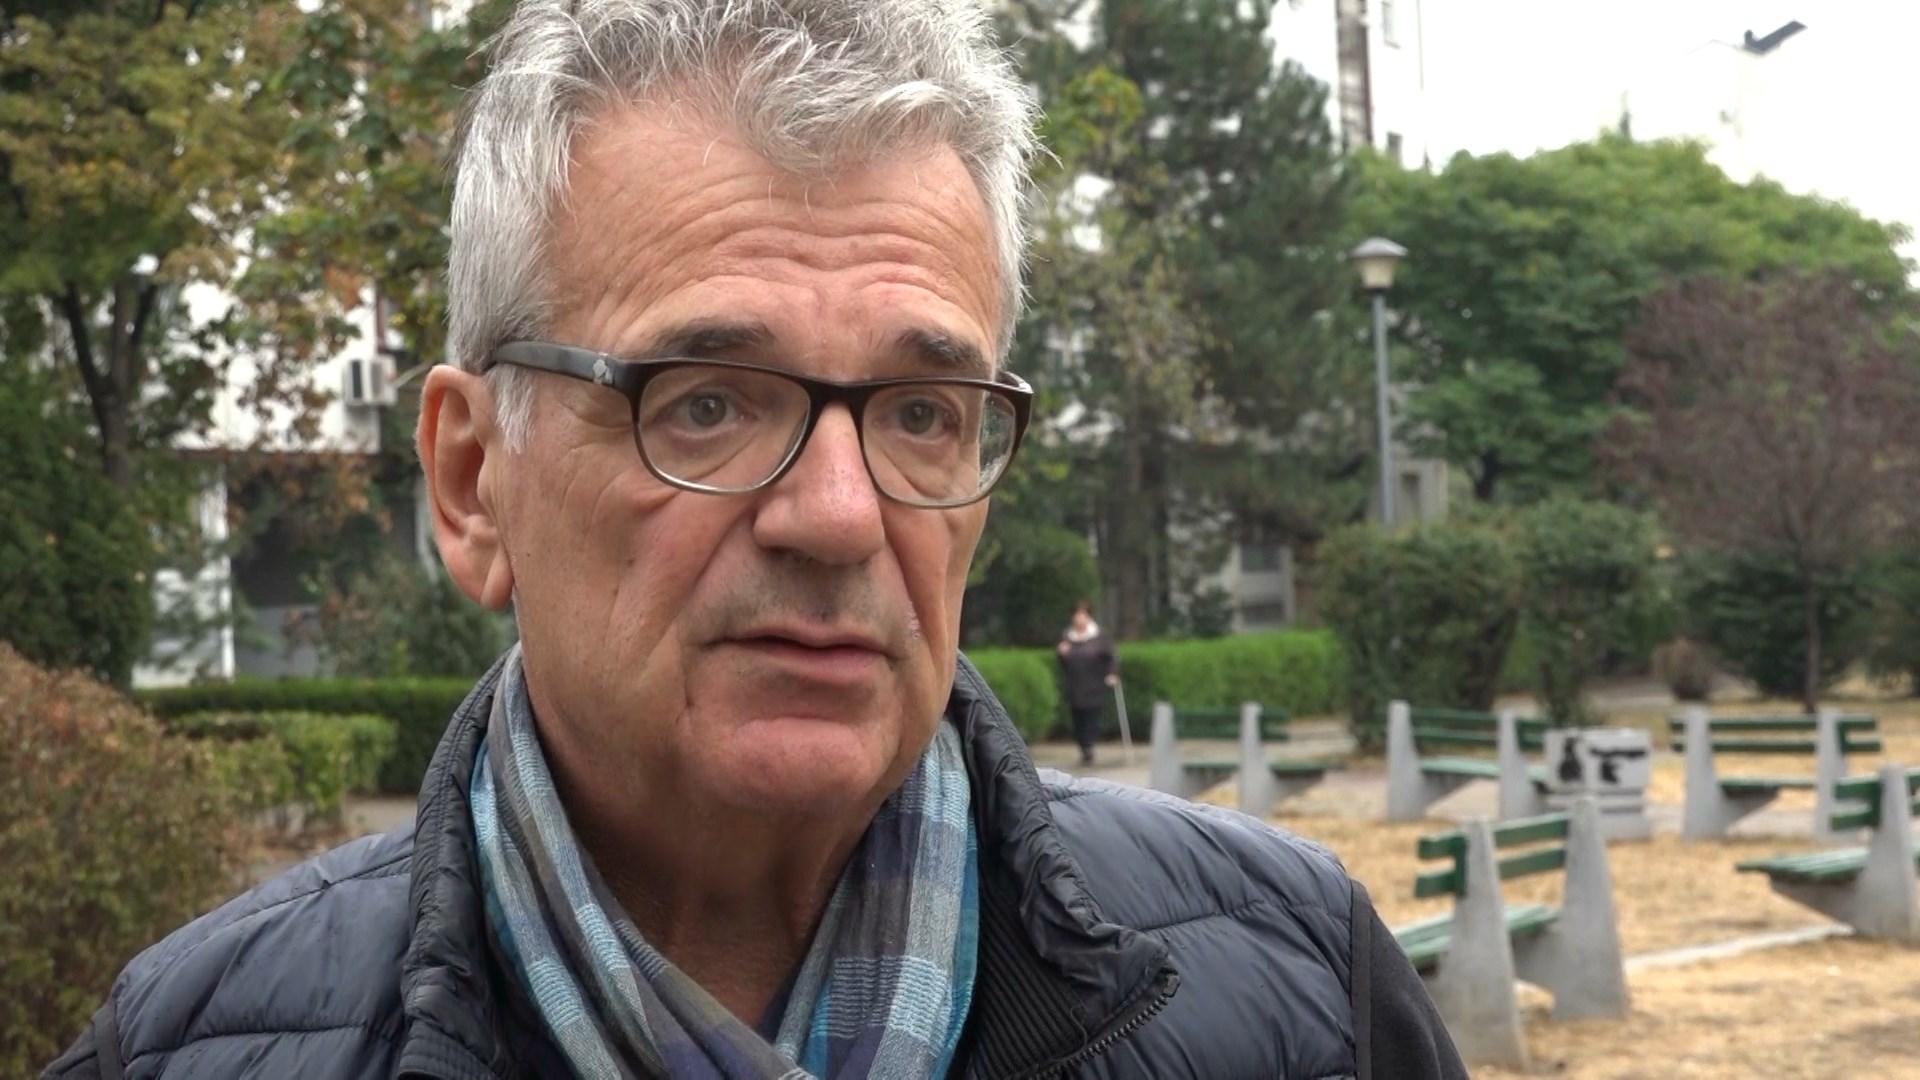 Analistët: Delegacioni serb në OKB të kthehet me ide më të qarta për Kosovën